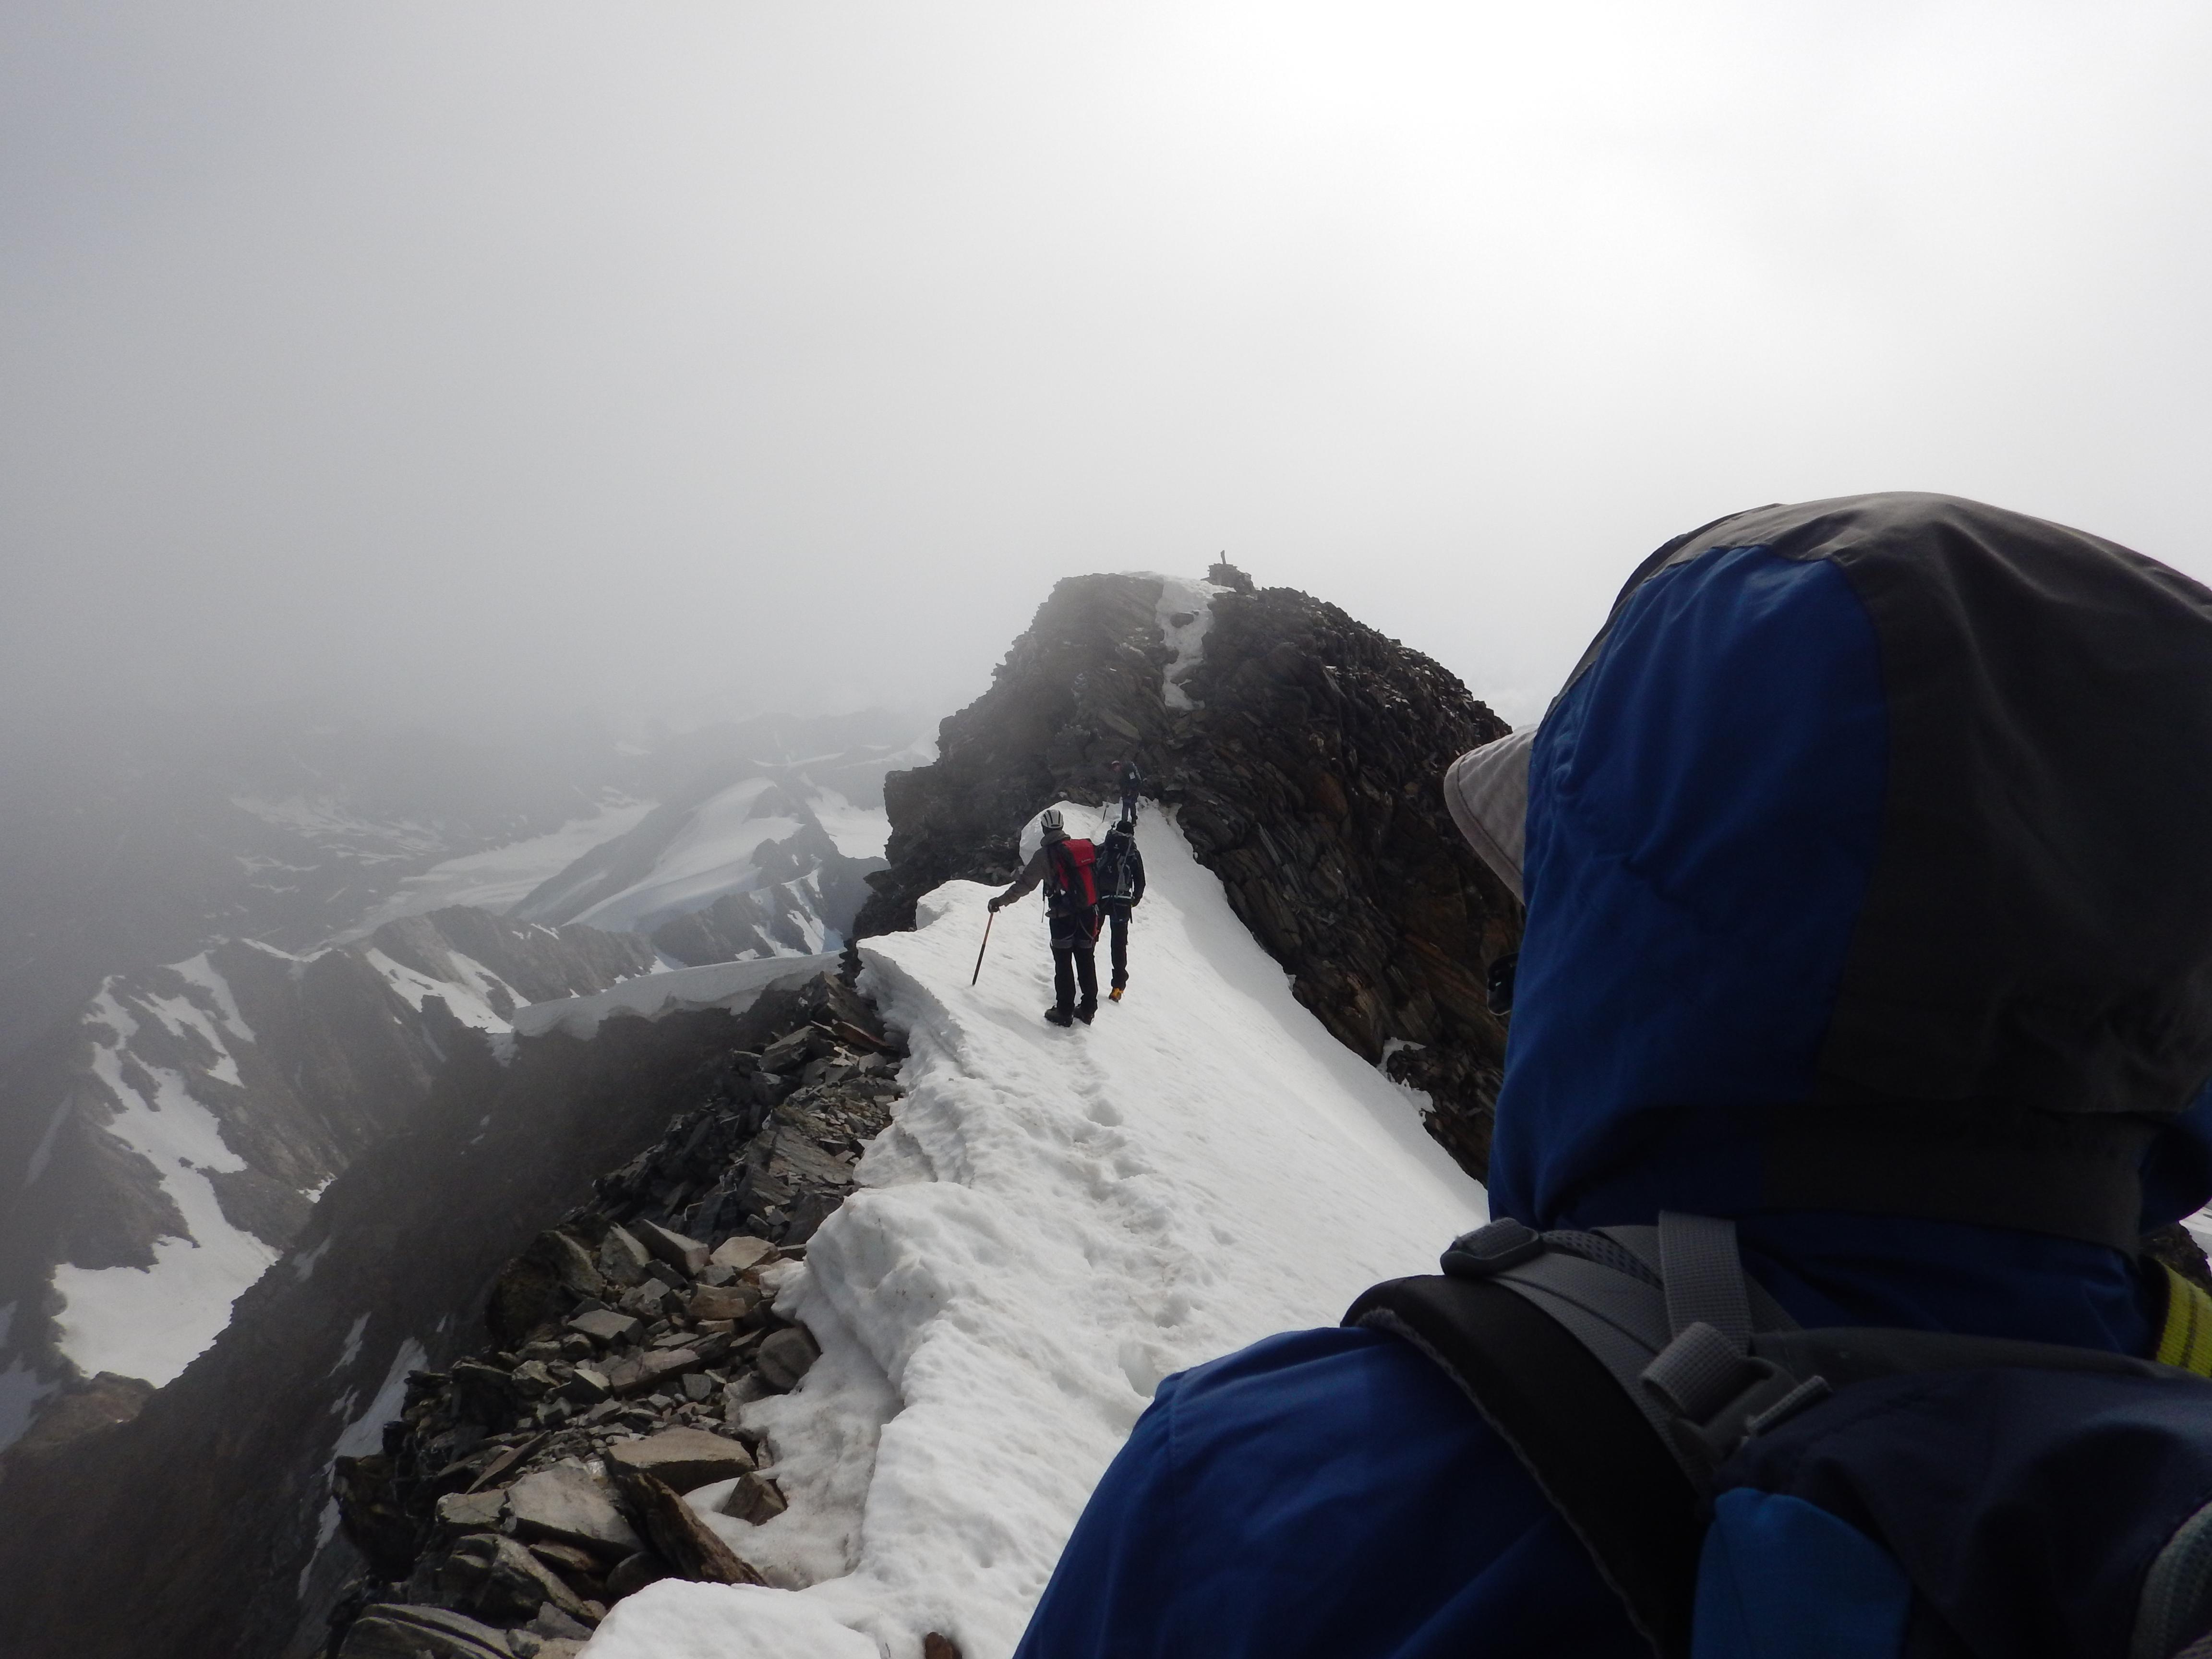 Hochvernagtspitze 2015